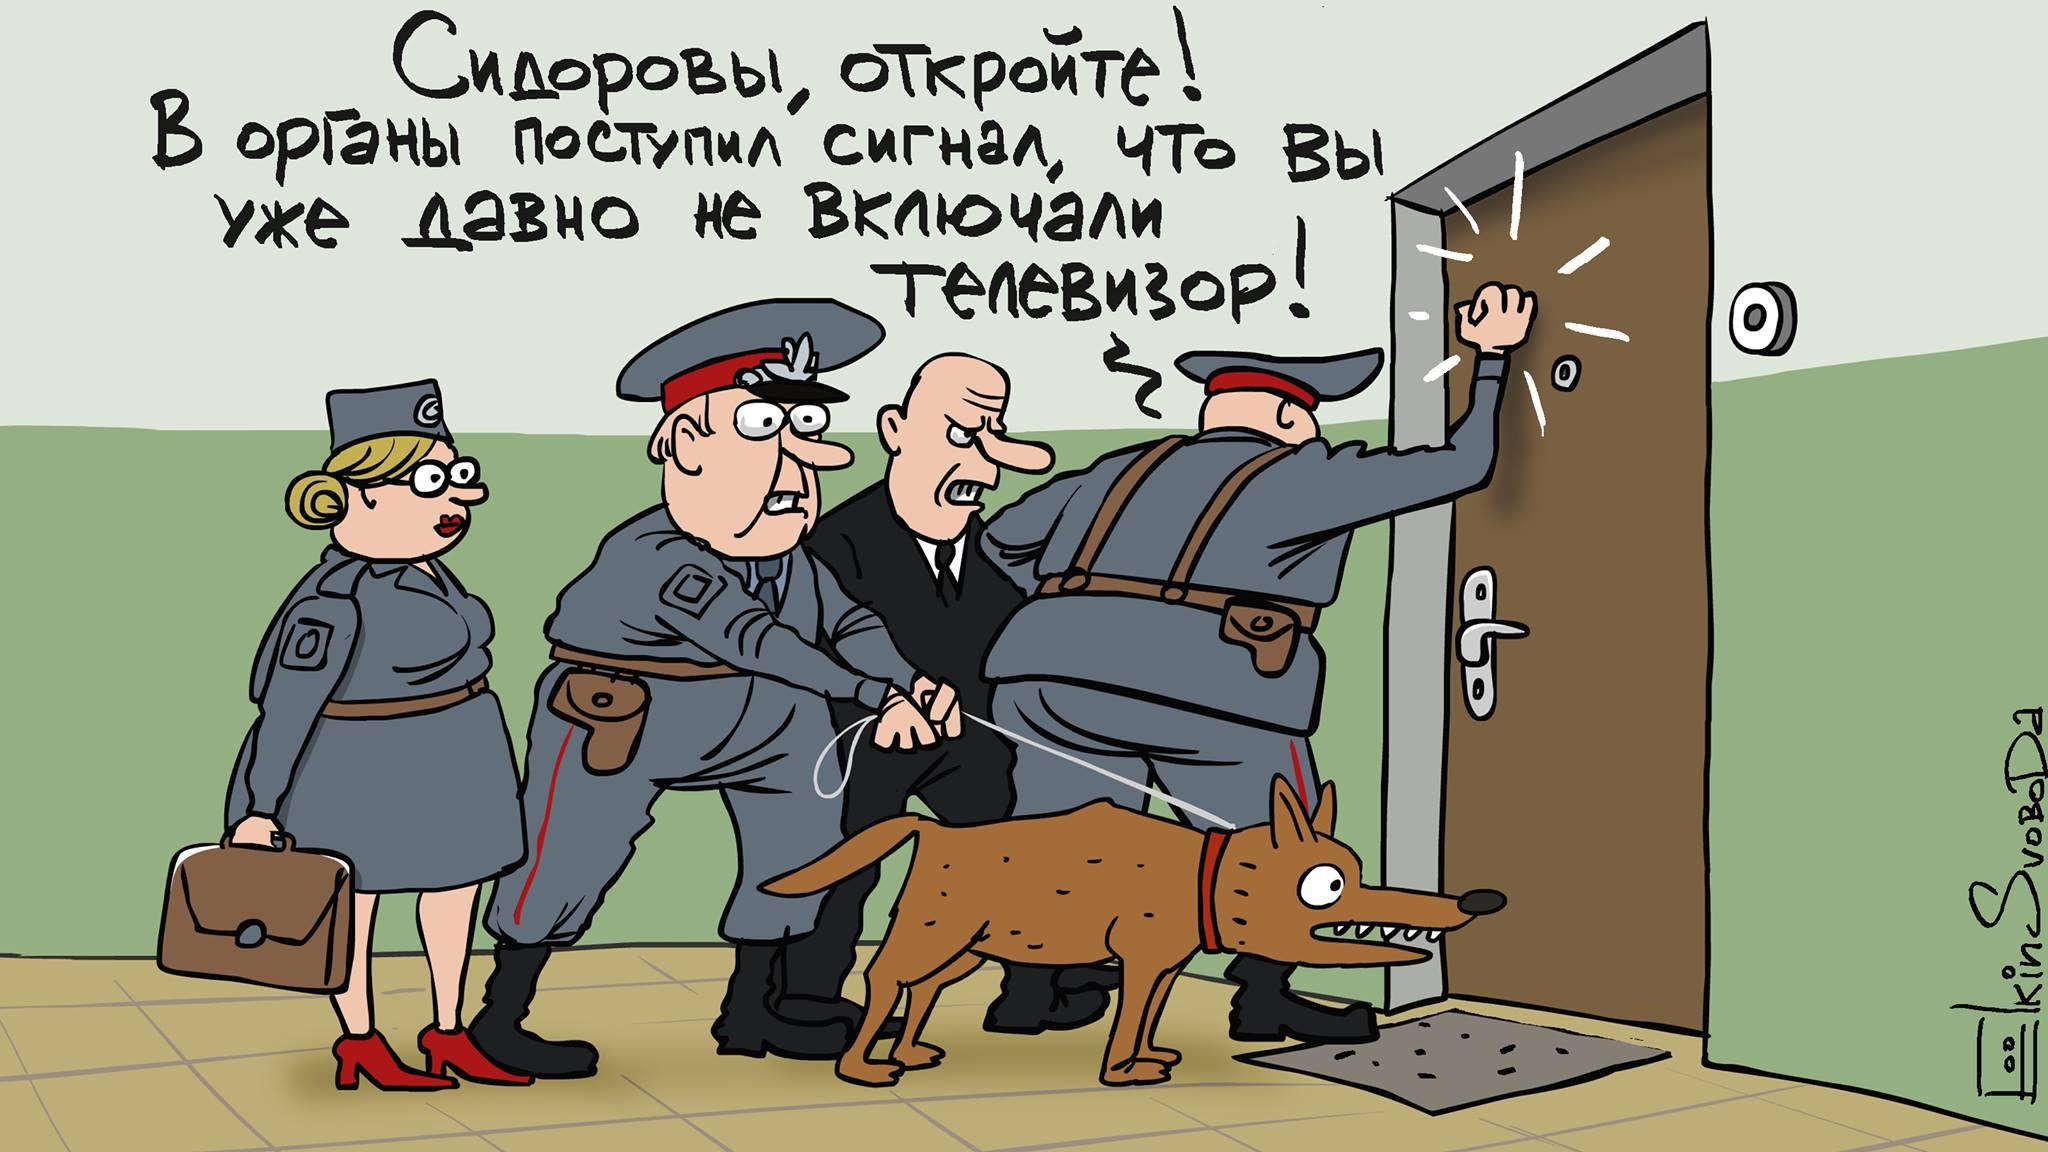 Украинские воины усилили блокпосты и ведут патрулирование на Луганщине, чтобы предотвратить провокации на местных выборах, - Ткачук - Цензор.НЕТ 2940